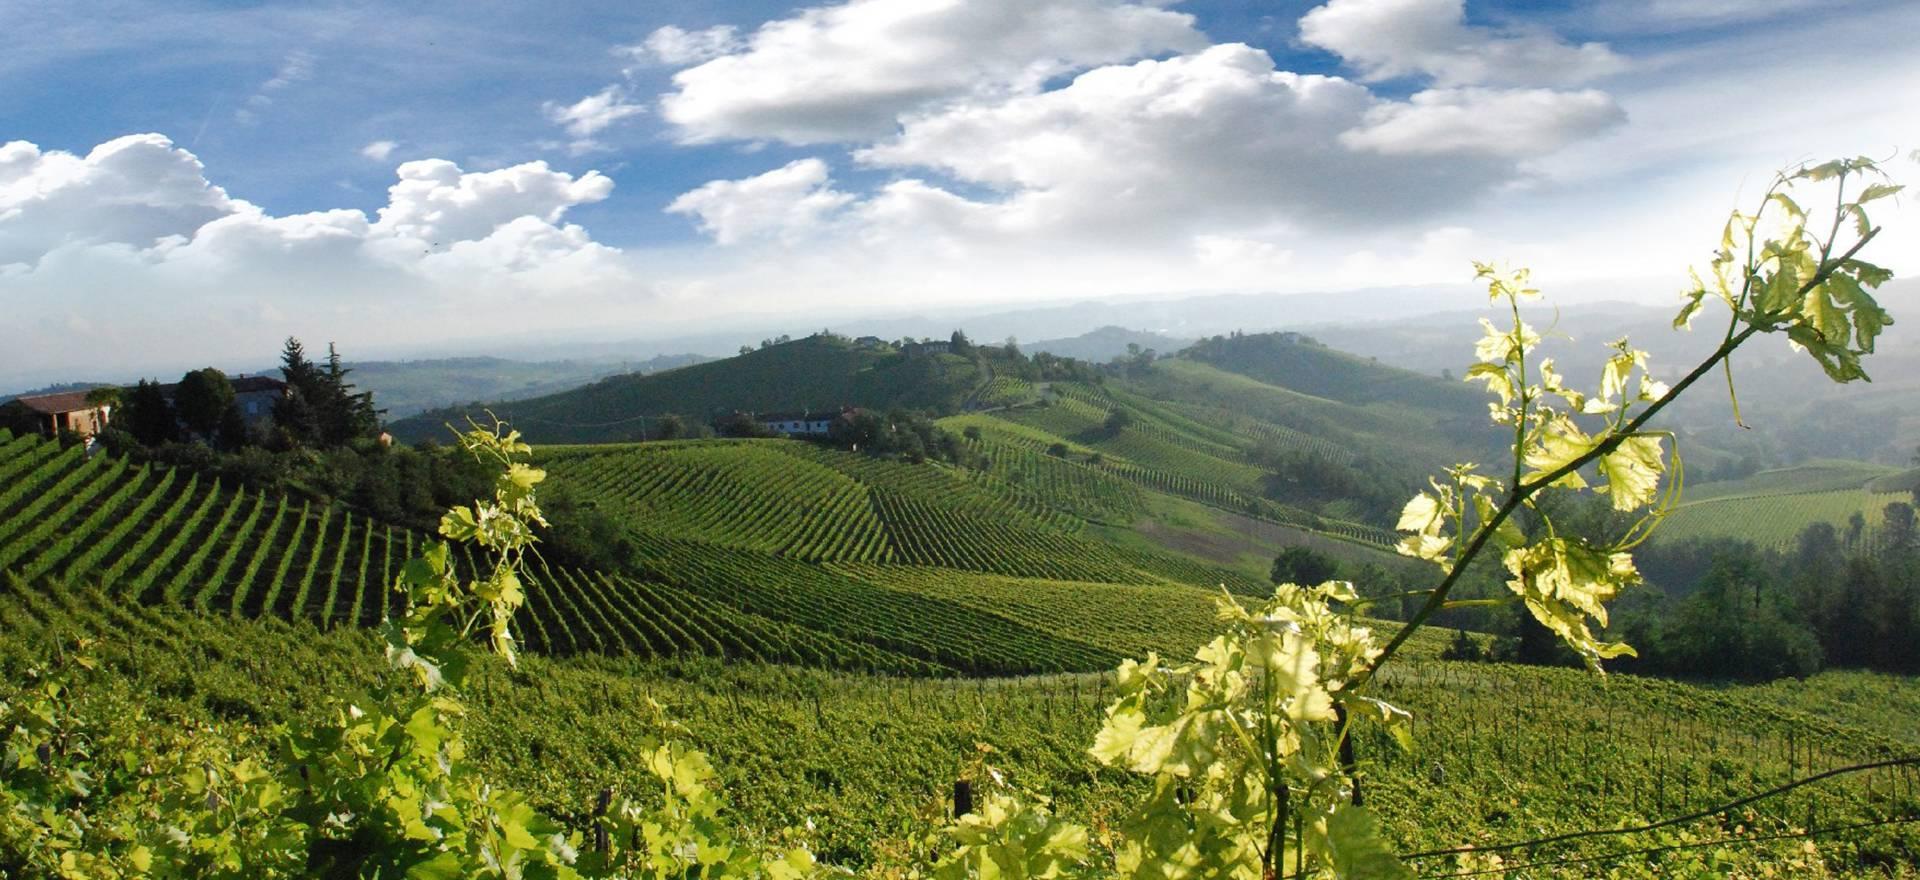 Agriturismo Piemonte Agriturismo e cantina sulle colline piemontesi